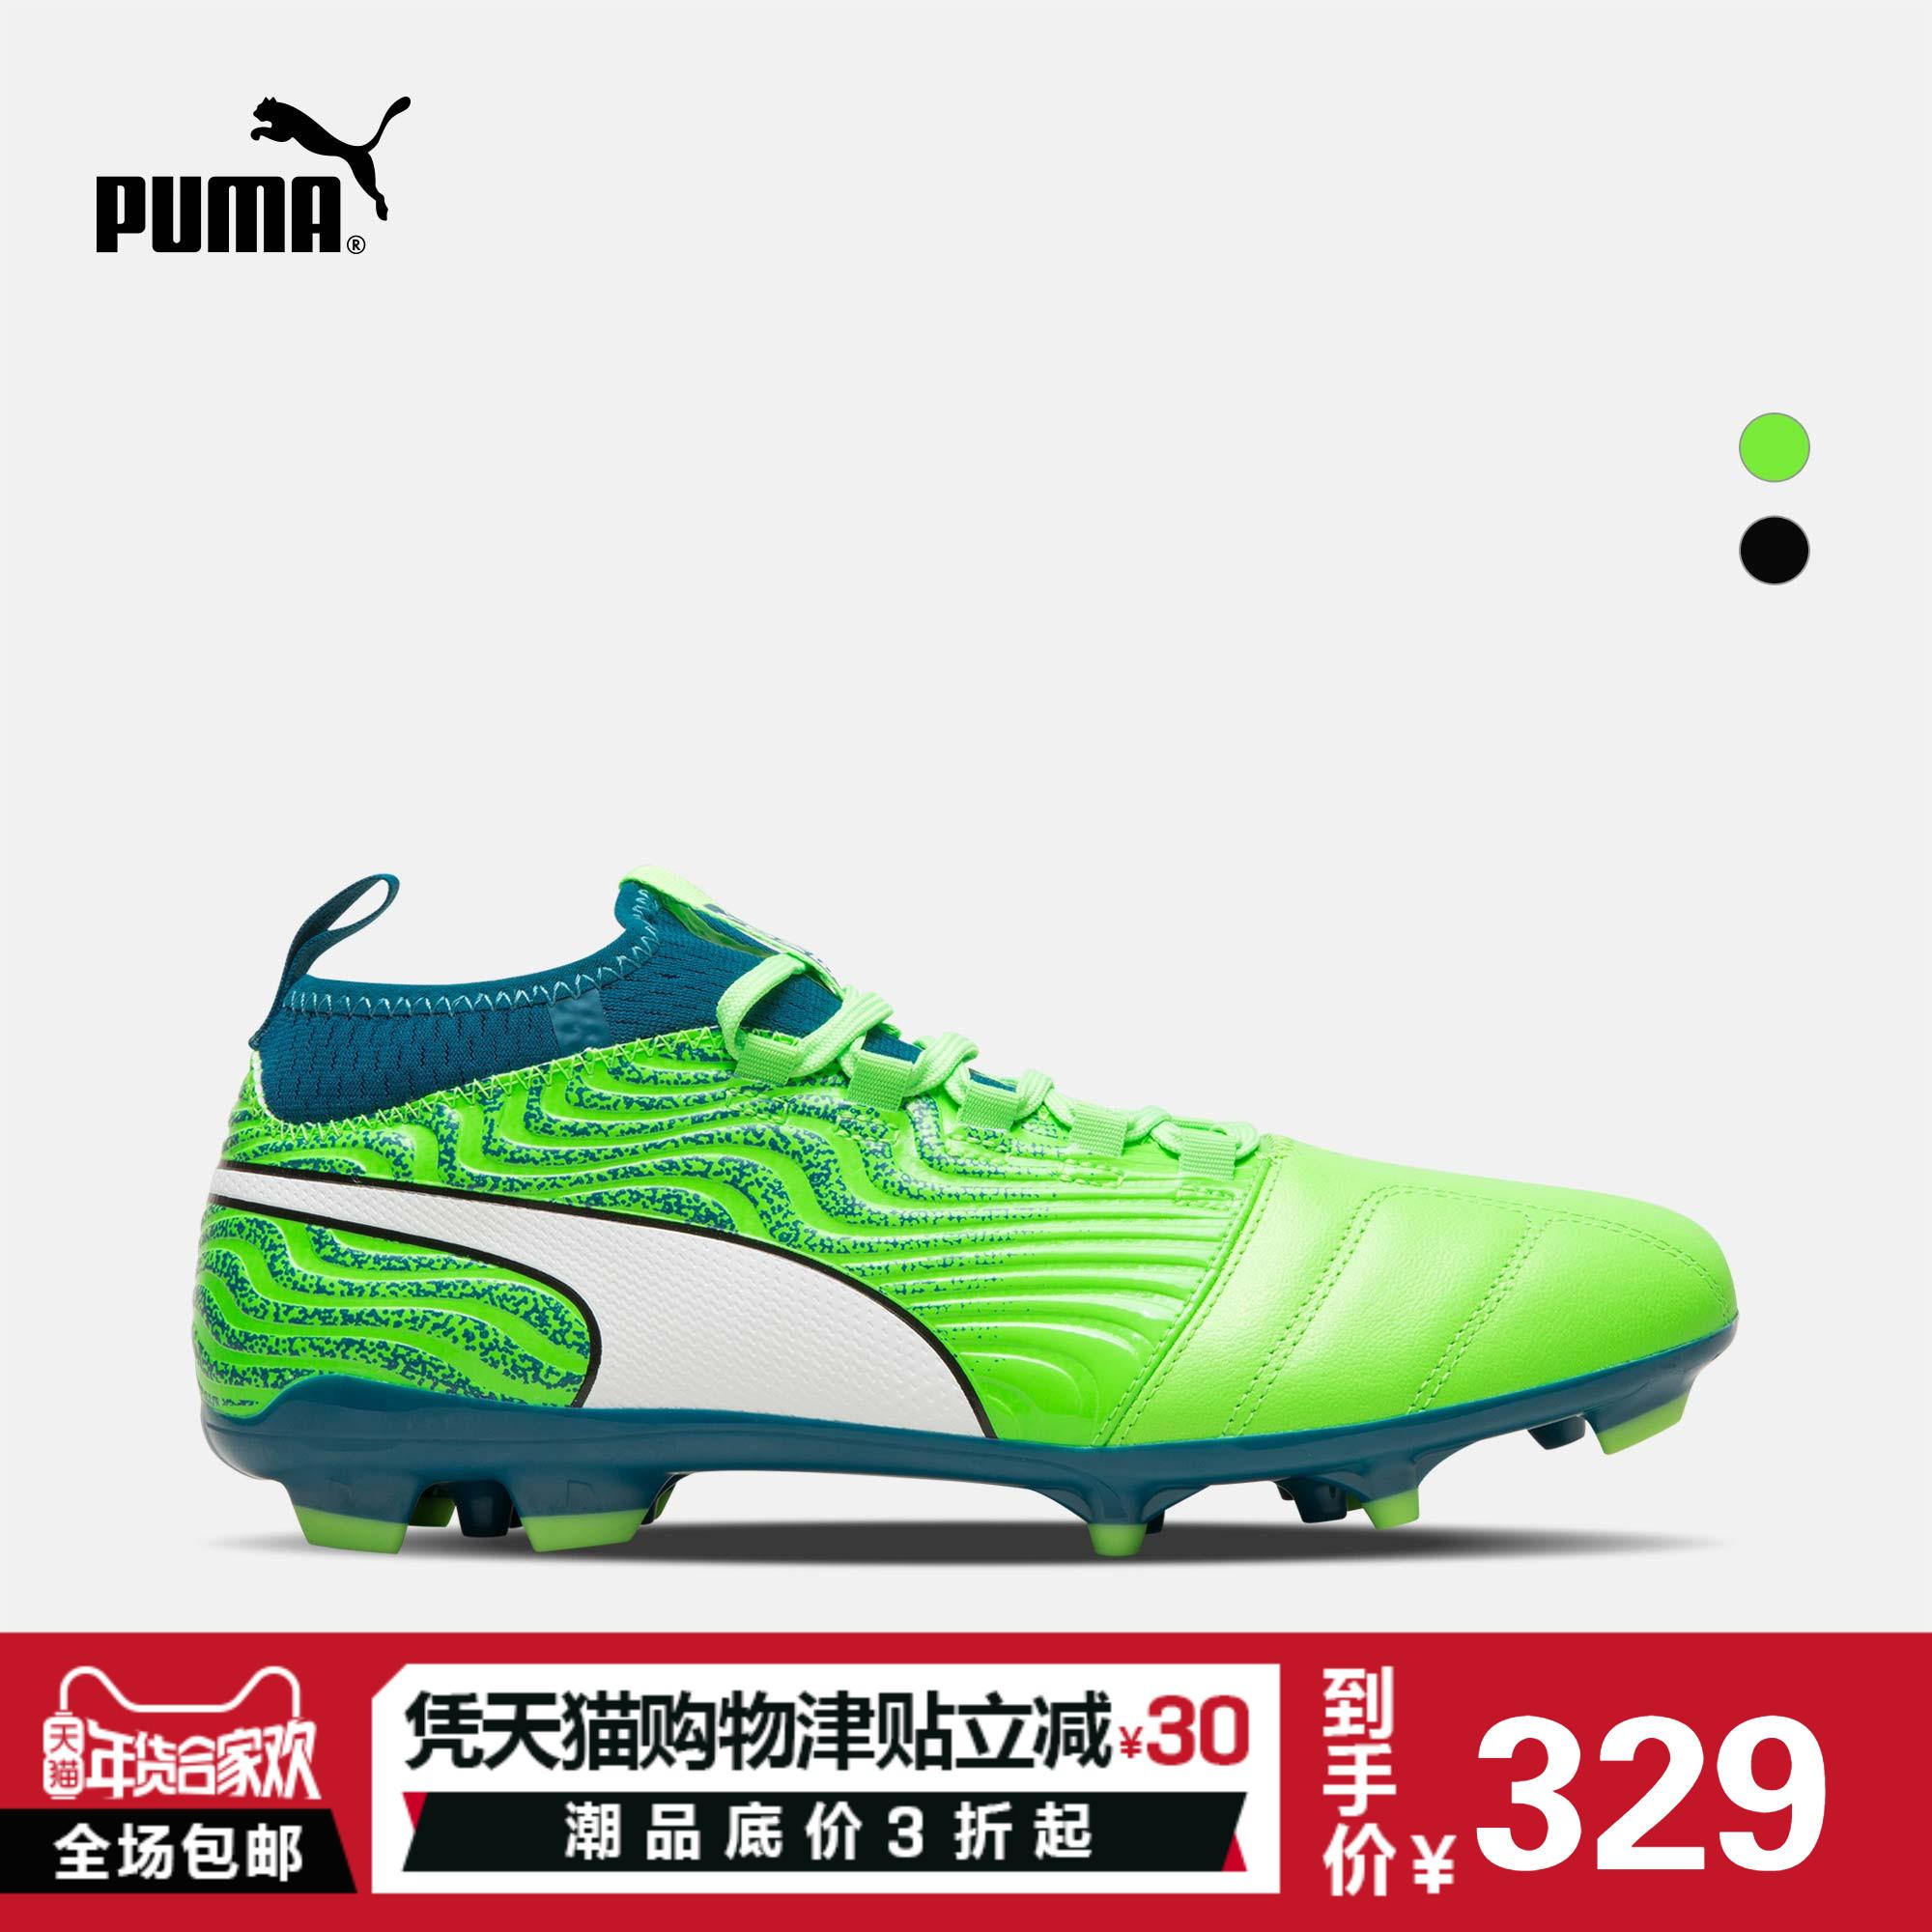 PUMA彪马官方 男子足球鞋 PUMA ONE 18.3 AG 104536